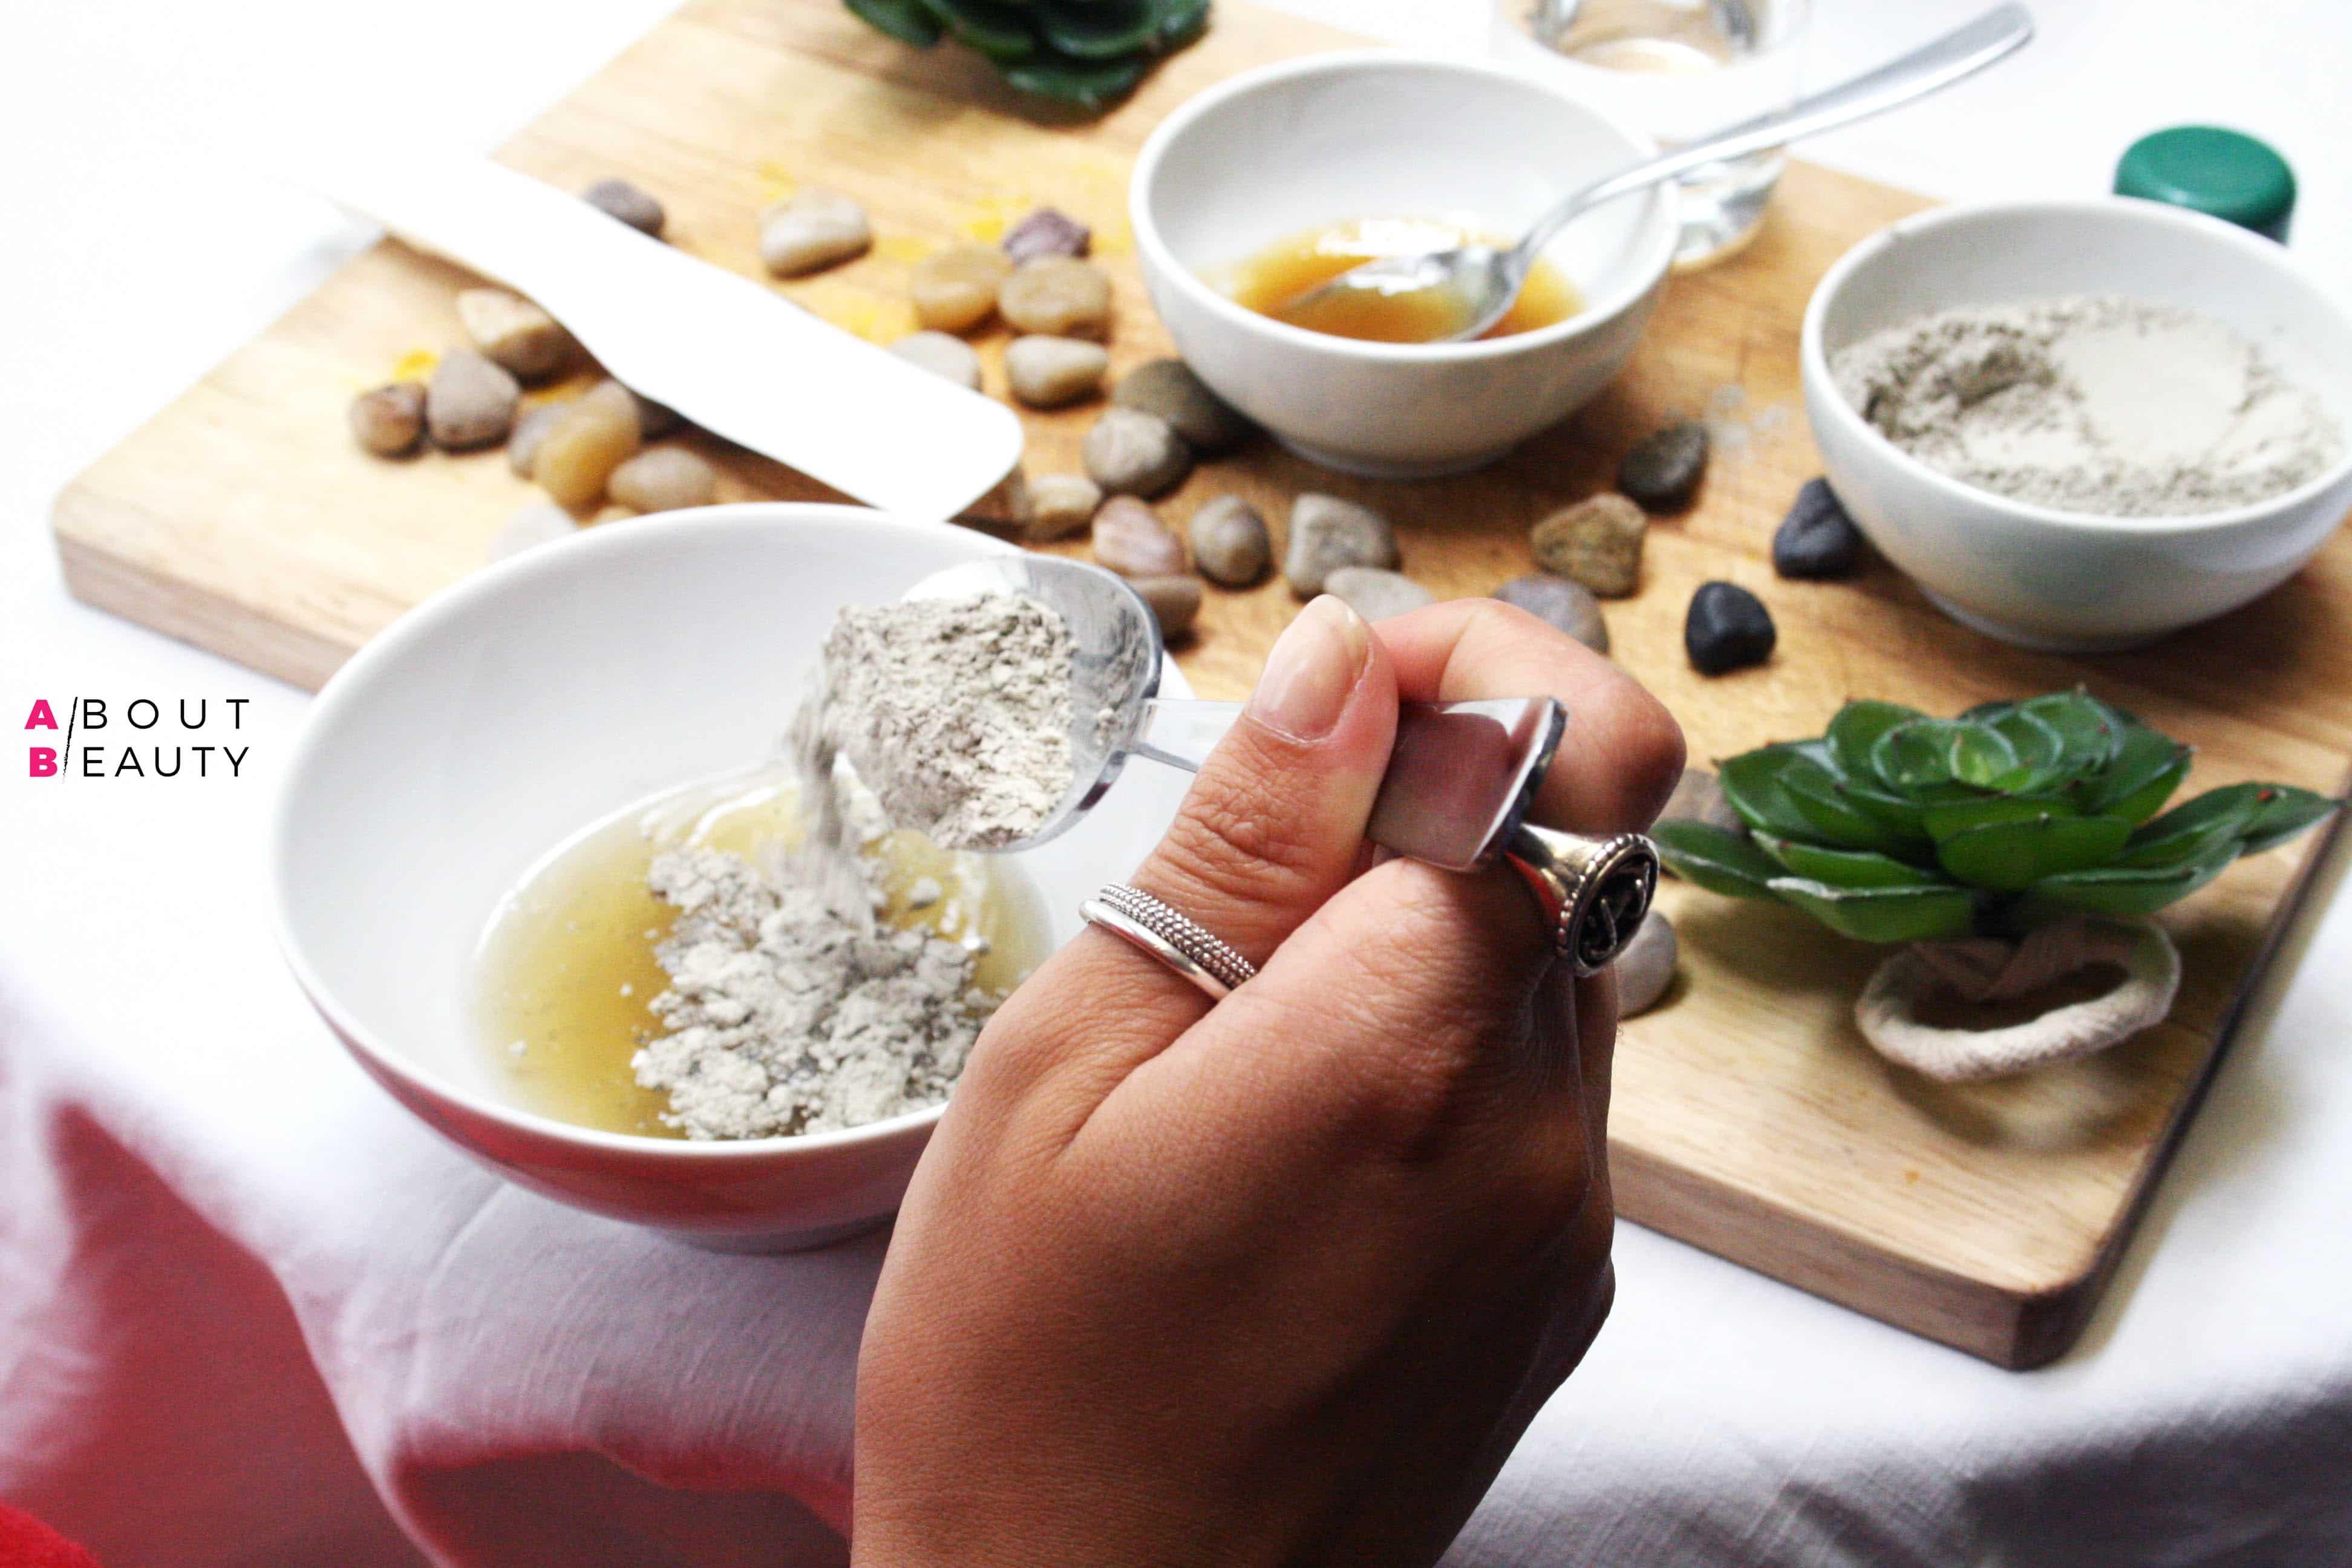 Maschera all'argilla verde purificante, la ricetta fai da te semplice, veloce ed economica per le pelli grasse e impure - Il procedimento